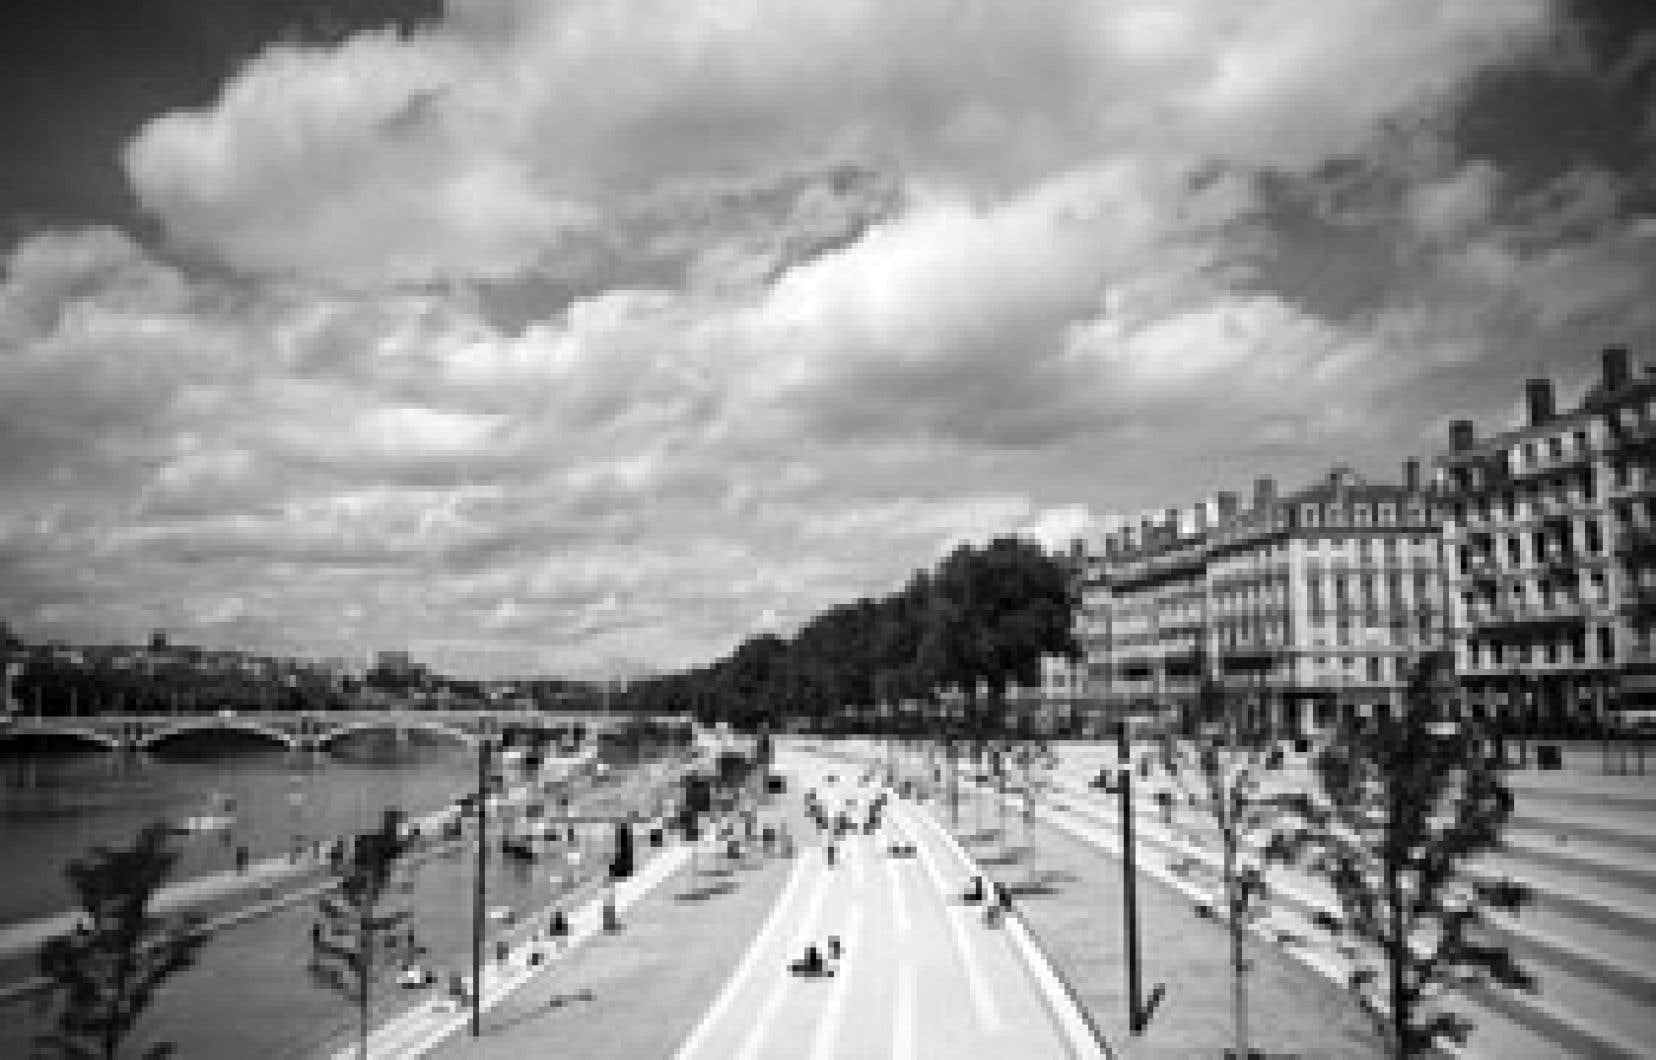 C'est au printemps 2007 que les Lyonnais ont renoué avec leurs berges du Rhône, au terme de travaux présentés comme le plus grand chantier de rénovation urbaine d'Europe. Un projet qui a nécessité près de deux ans de travaux et dont le coût es